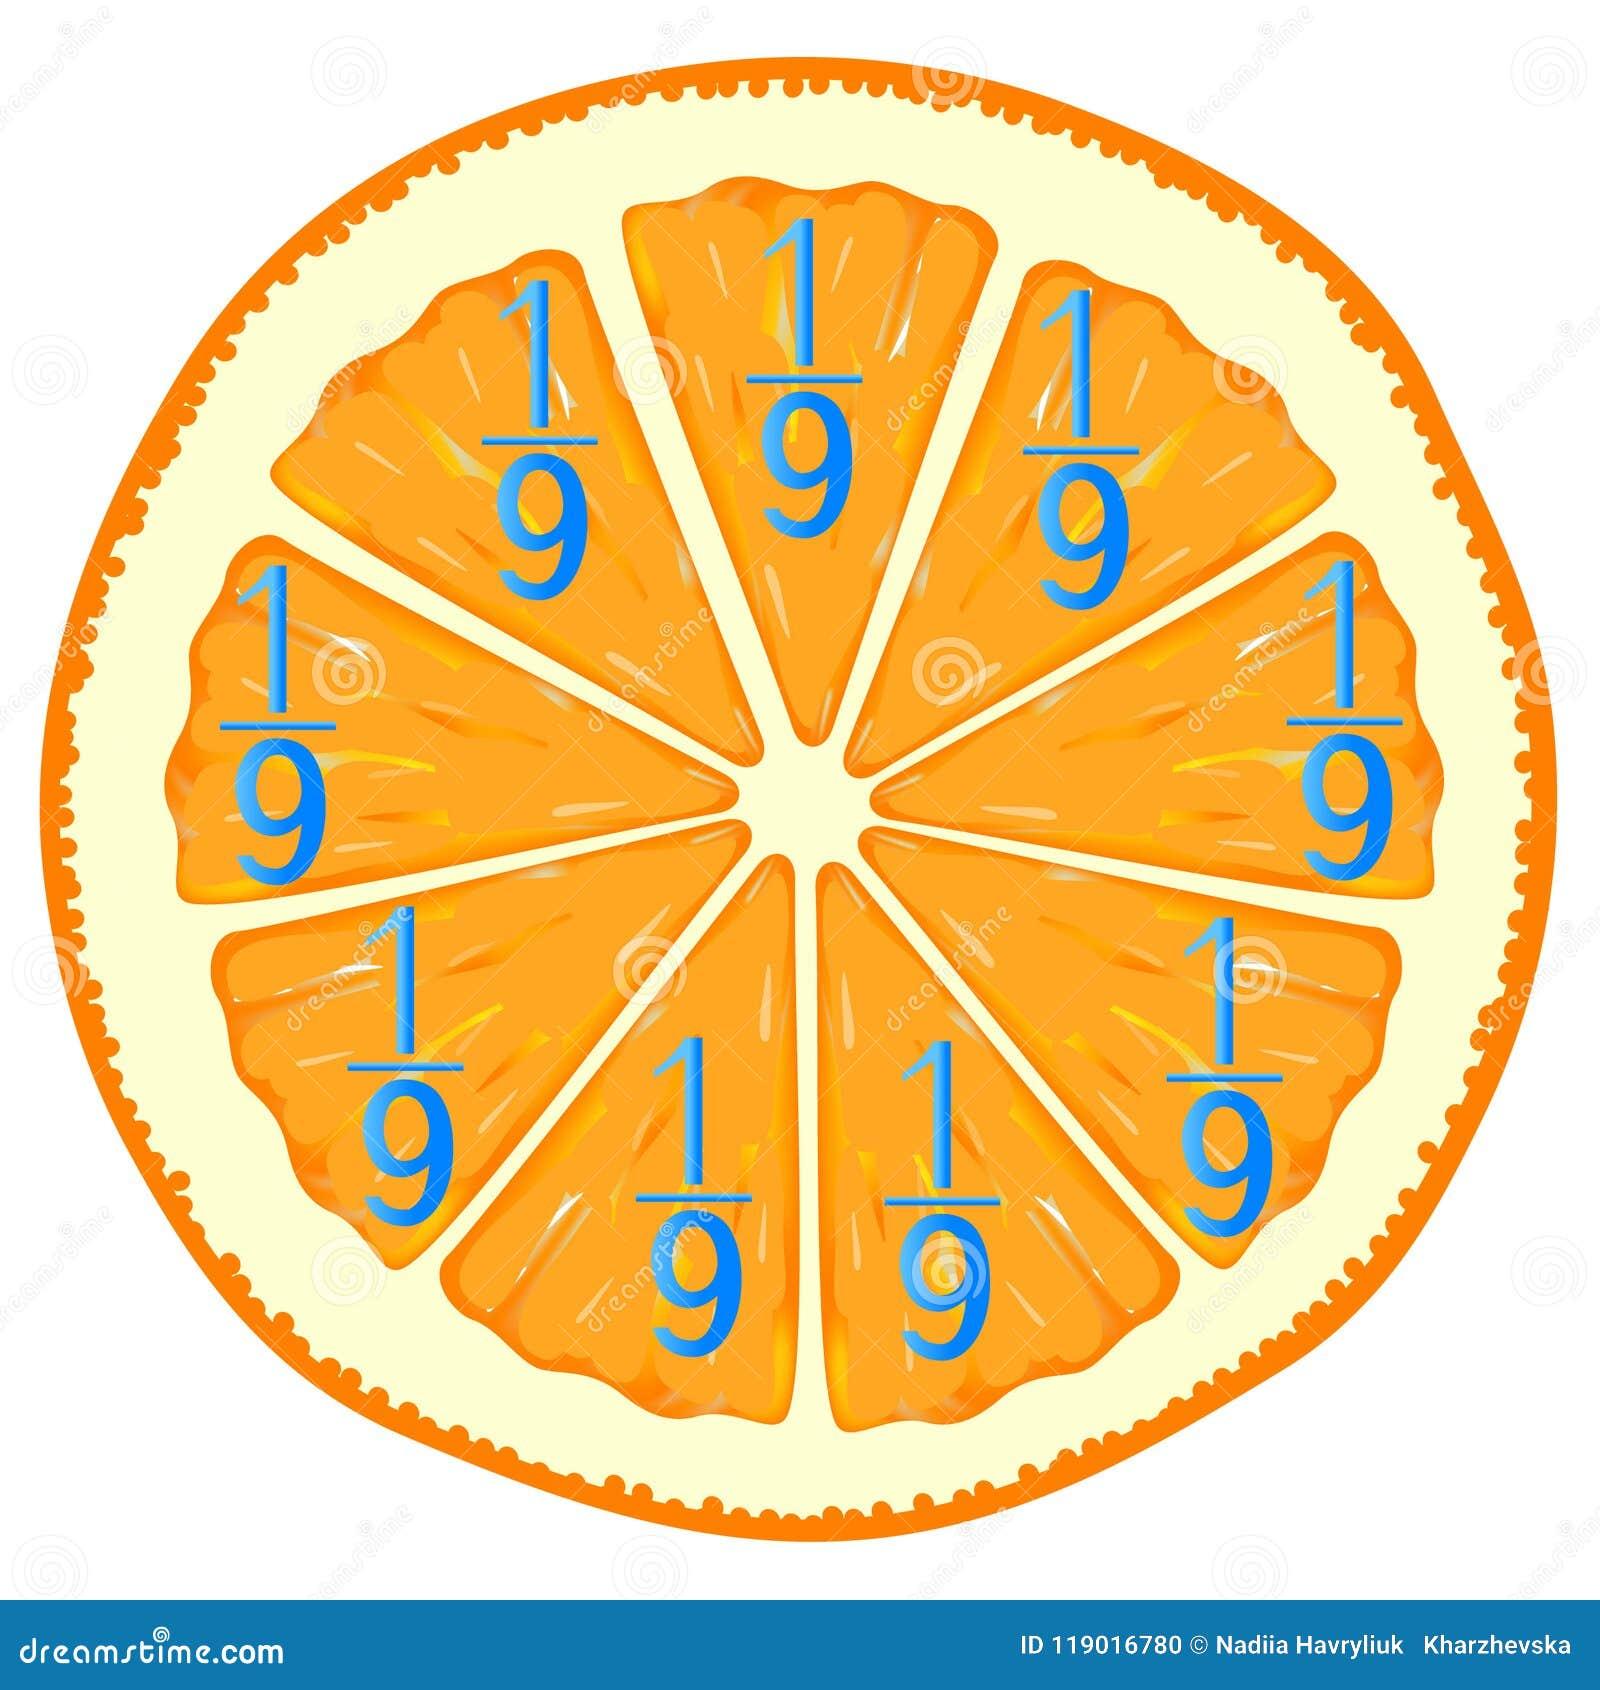 Mathematische Spiele für Kinder Studieren Sie die Bruchzahlen, Beispiel mit Orange